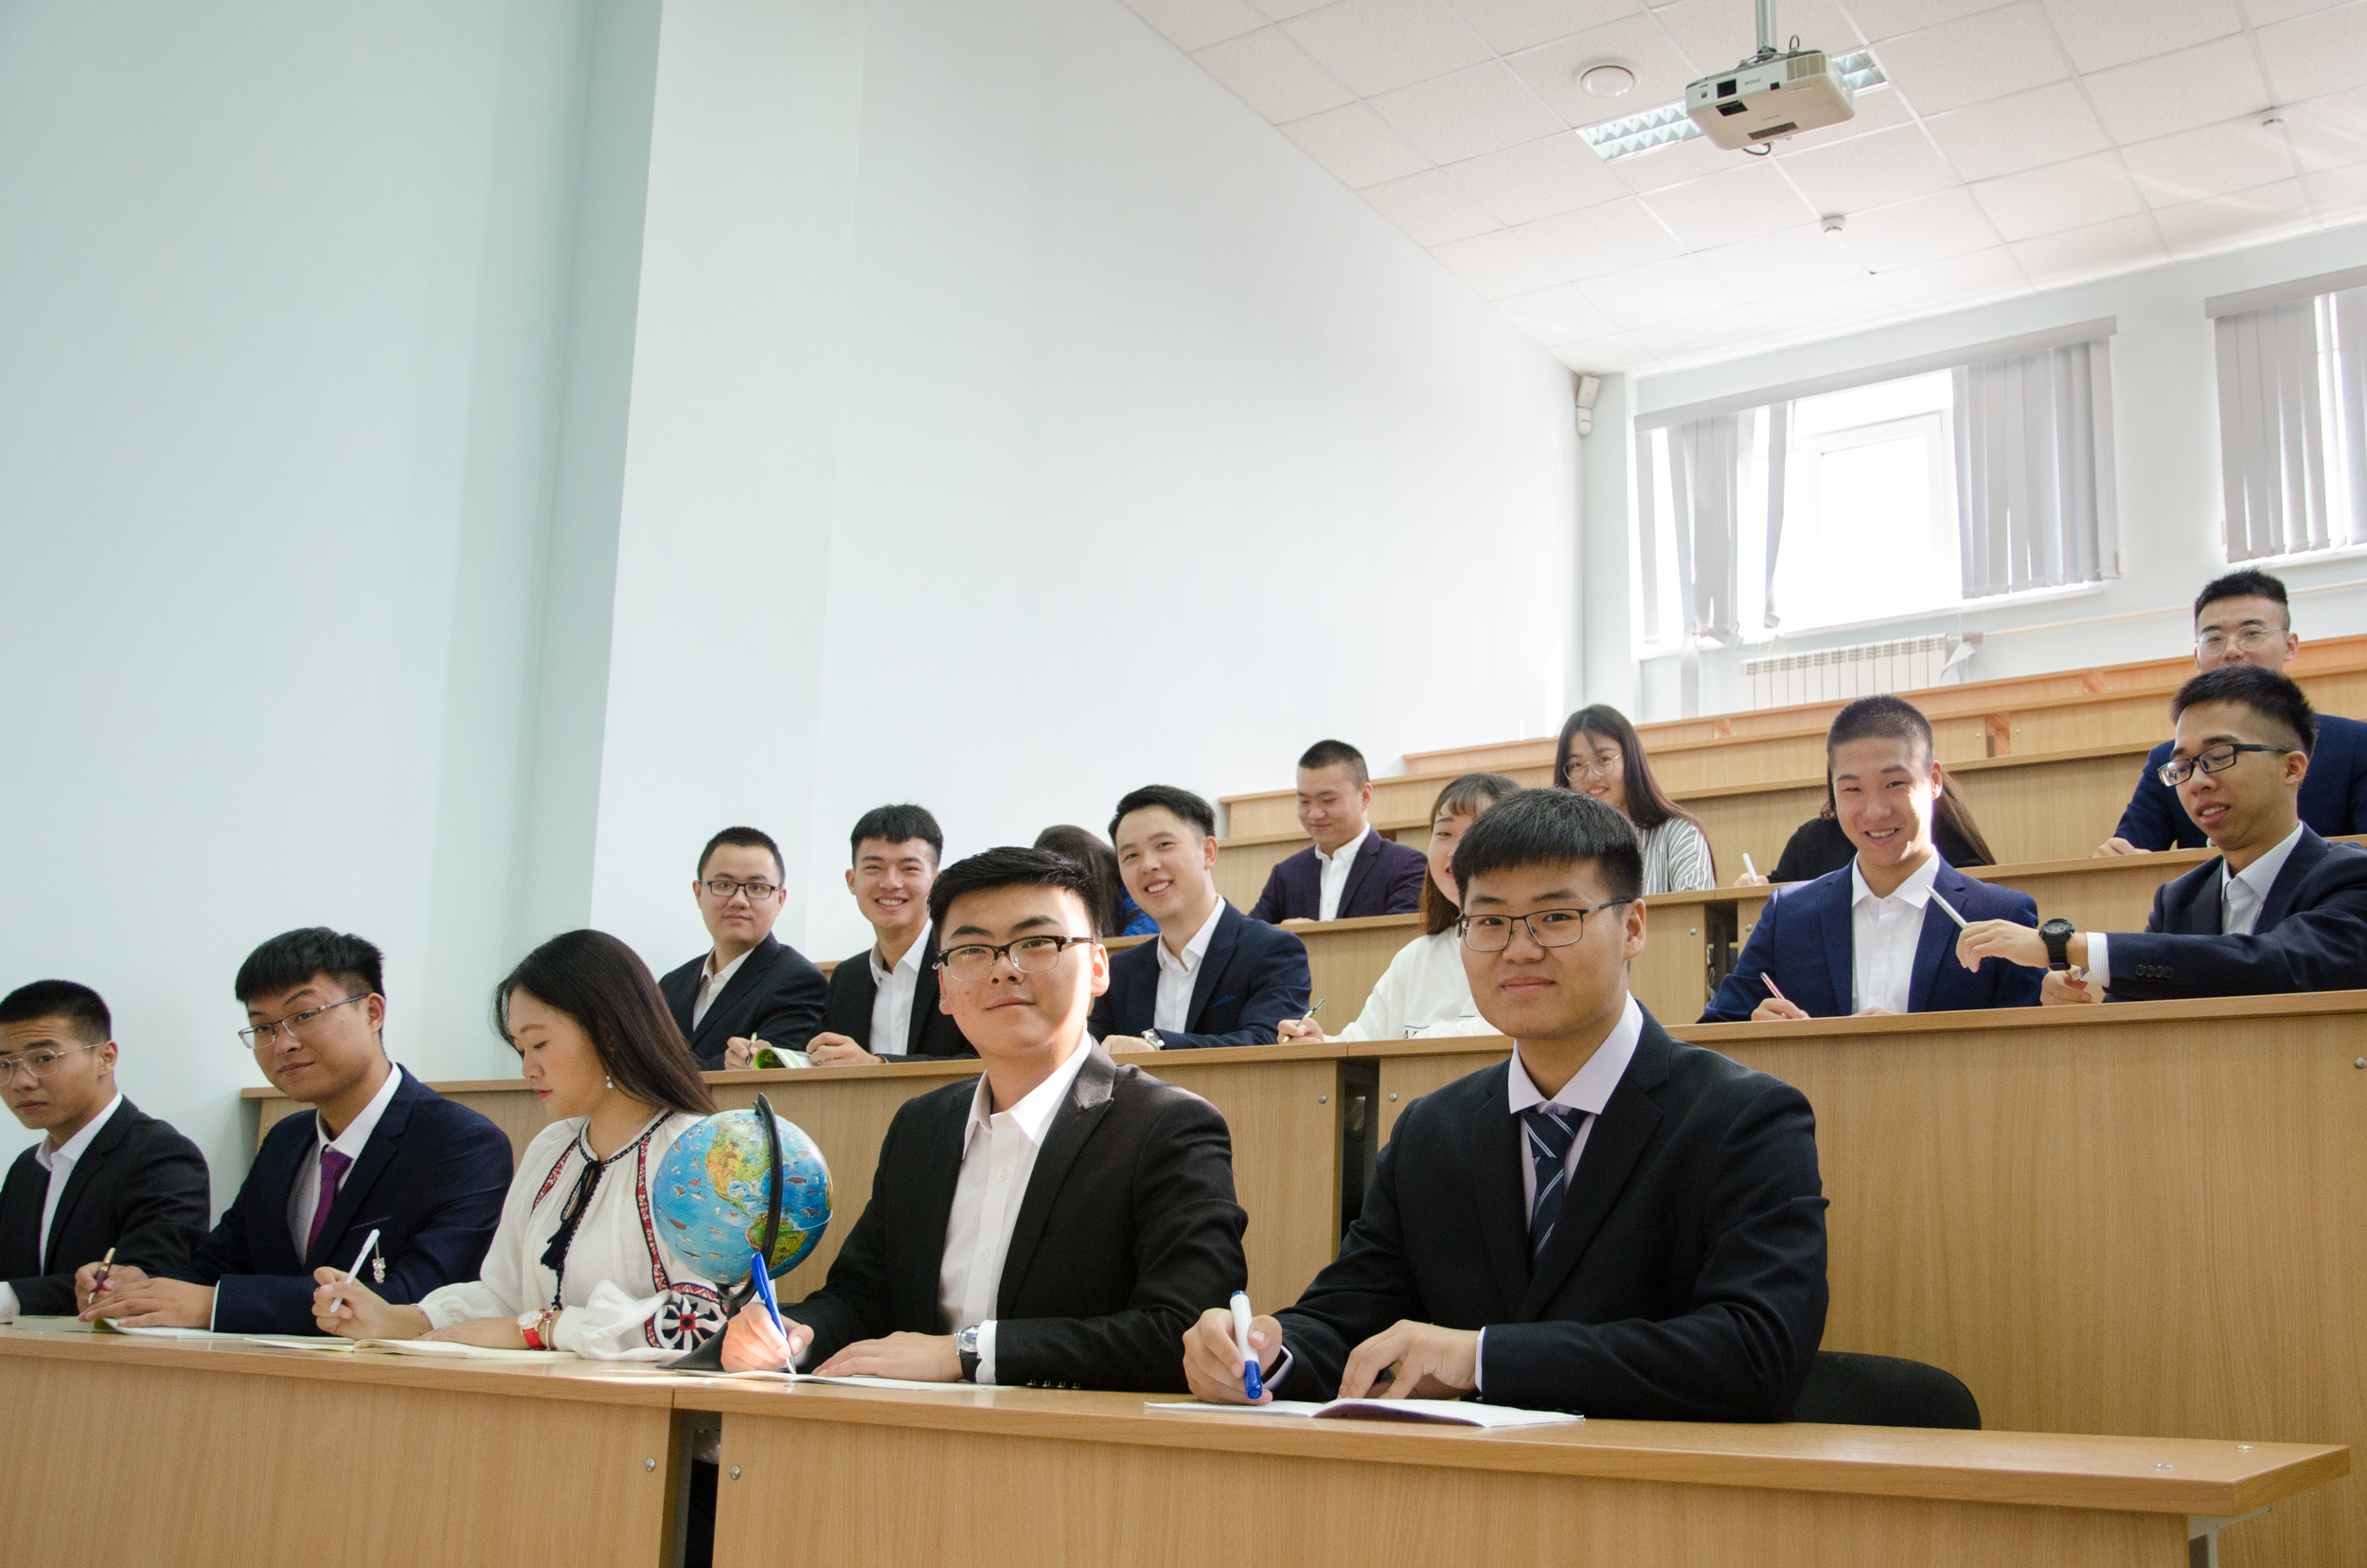 ЮУрГУ приглашает пройти профпереподготовку в области преподавания русского языка как иностранного